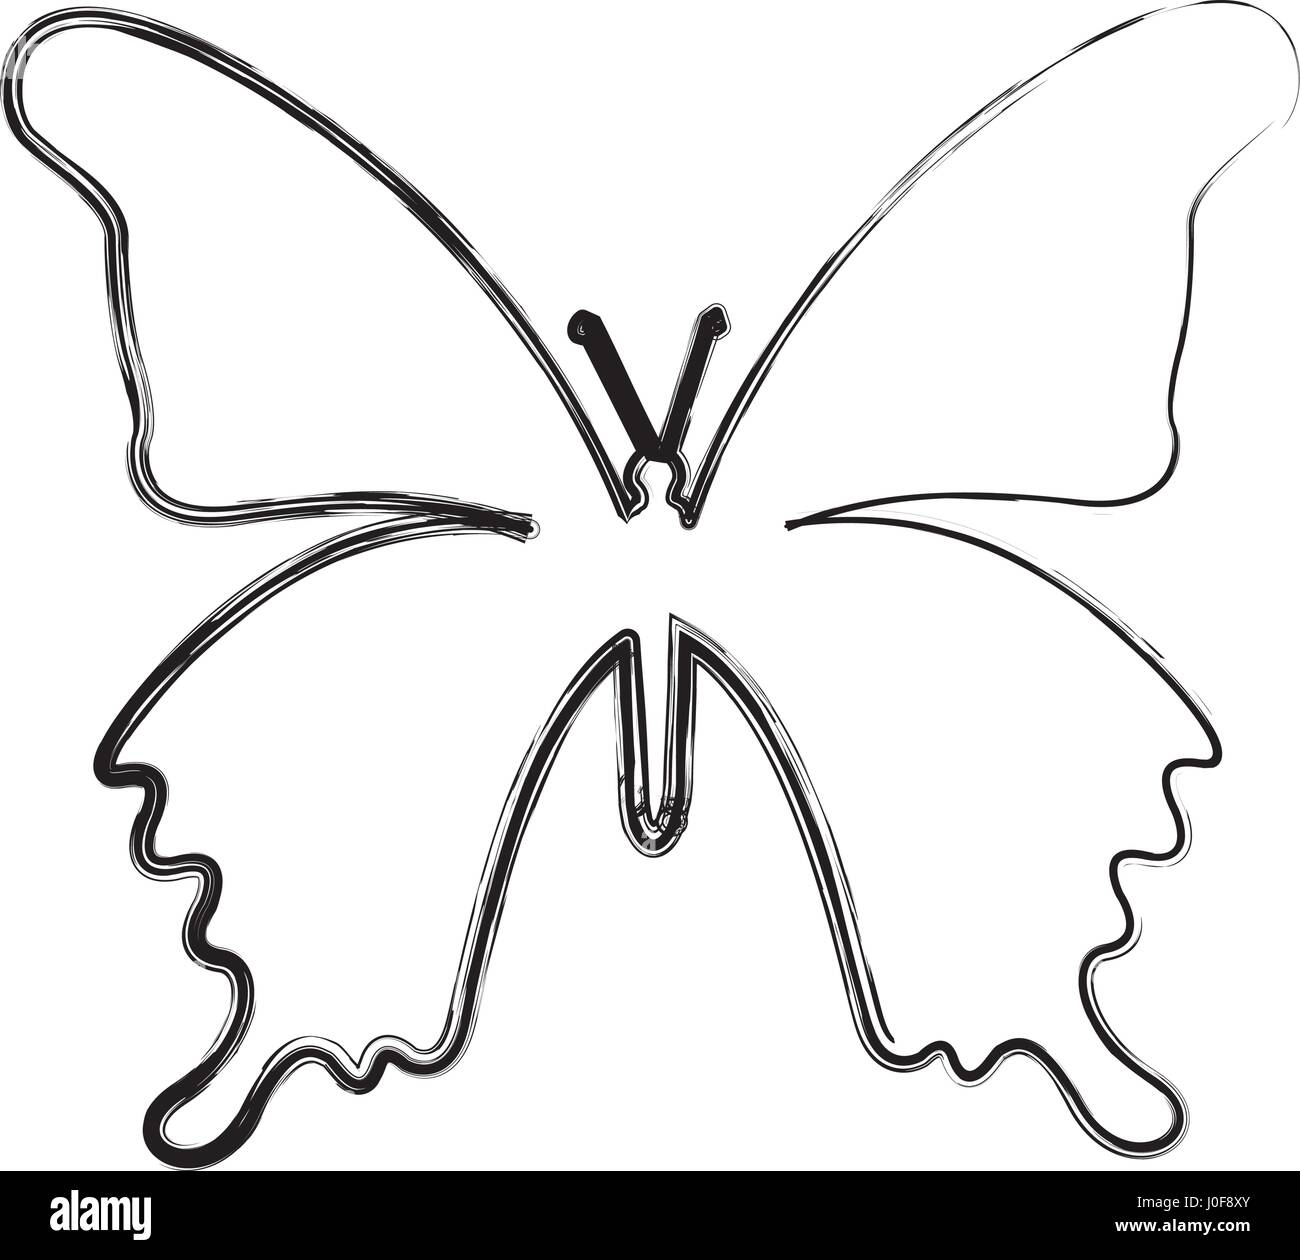 Ziemlich Süße Schmetterling Malvorlagen Galerie - Malvorlagen Von ...